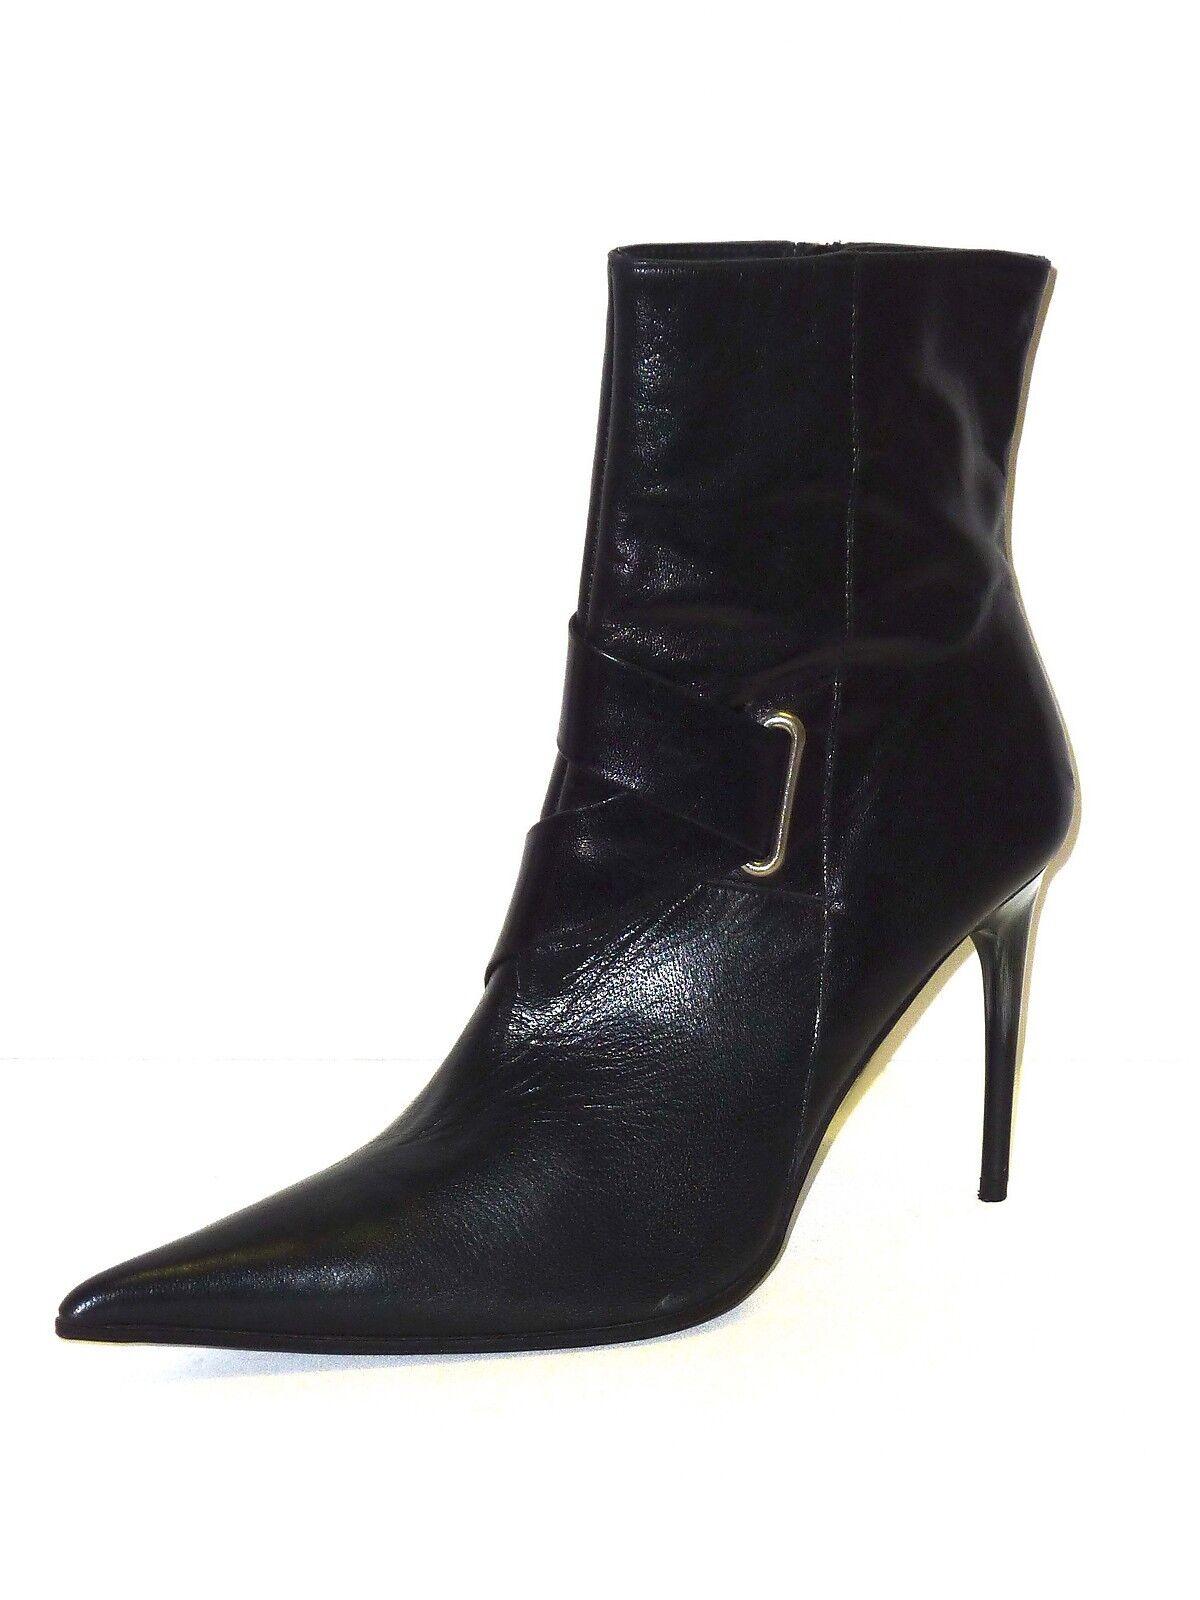 Zapatos especiales con descuento BOTAS DE MUJER ZAPATOS BOTINES BAJOS DE CUERO NEGRO BOTINES TACÓN ALTO 39